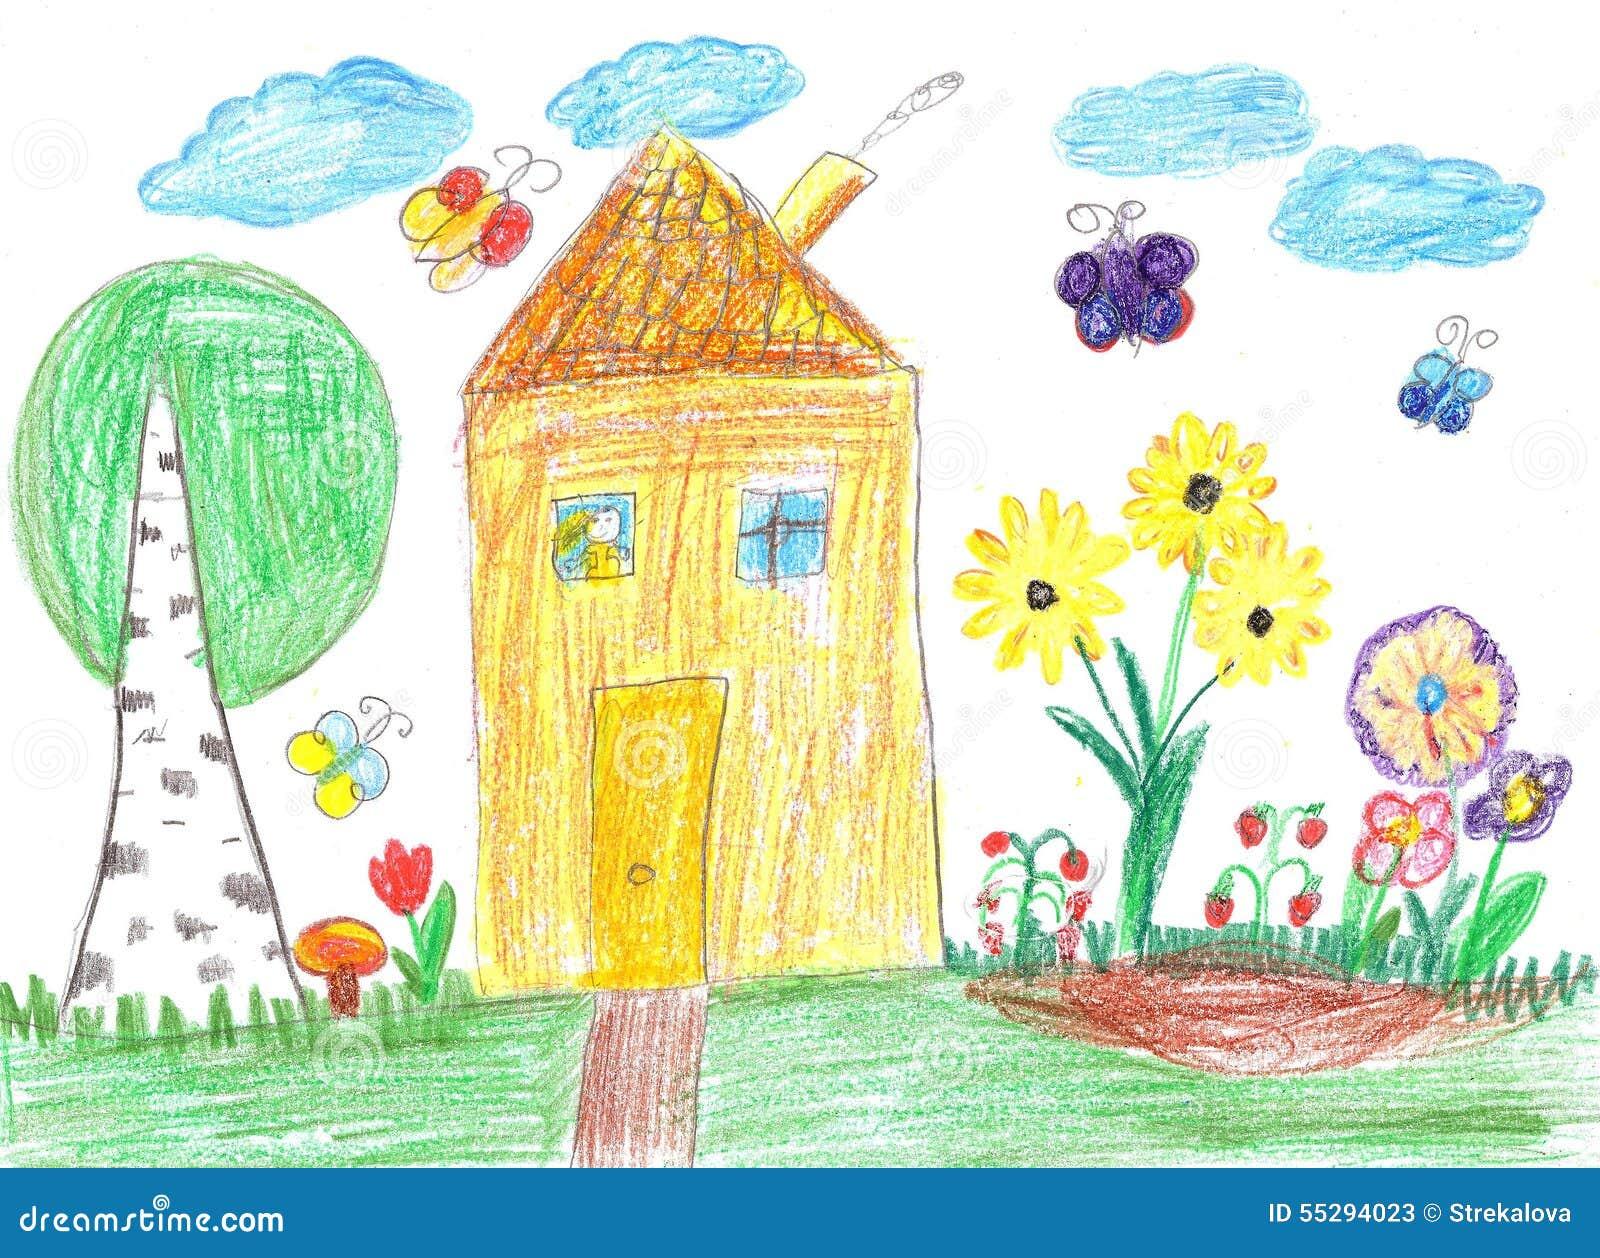 Dessin d 39 enfant d 39 une maison image stock image 55294023 - Maison dessin enfant ...